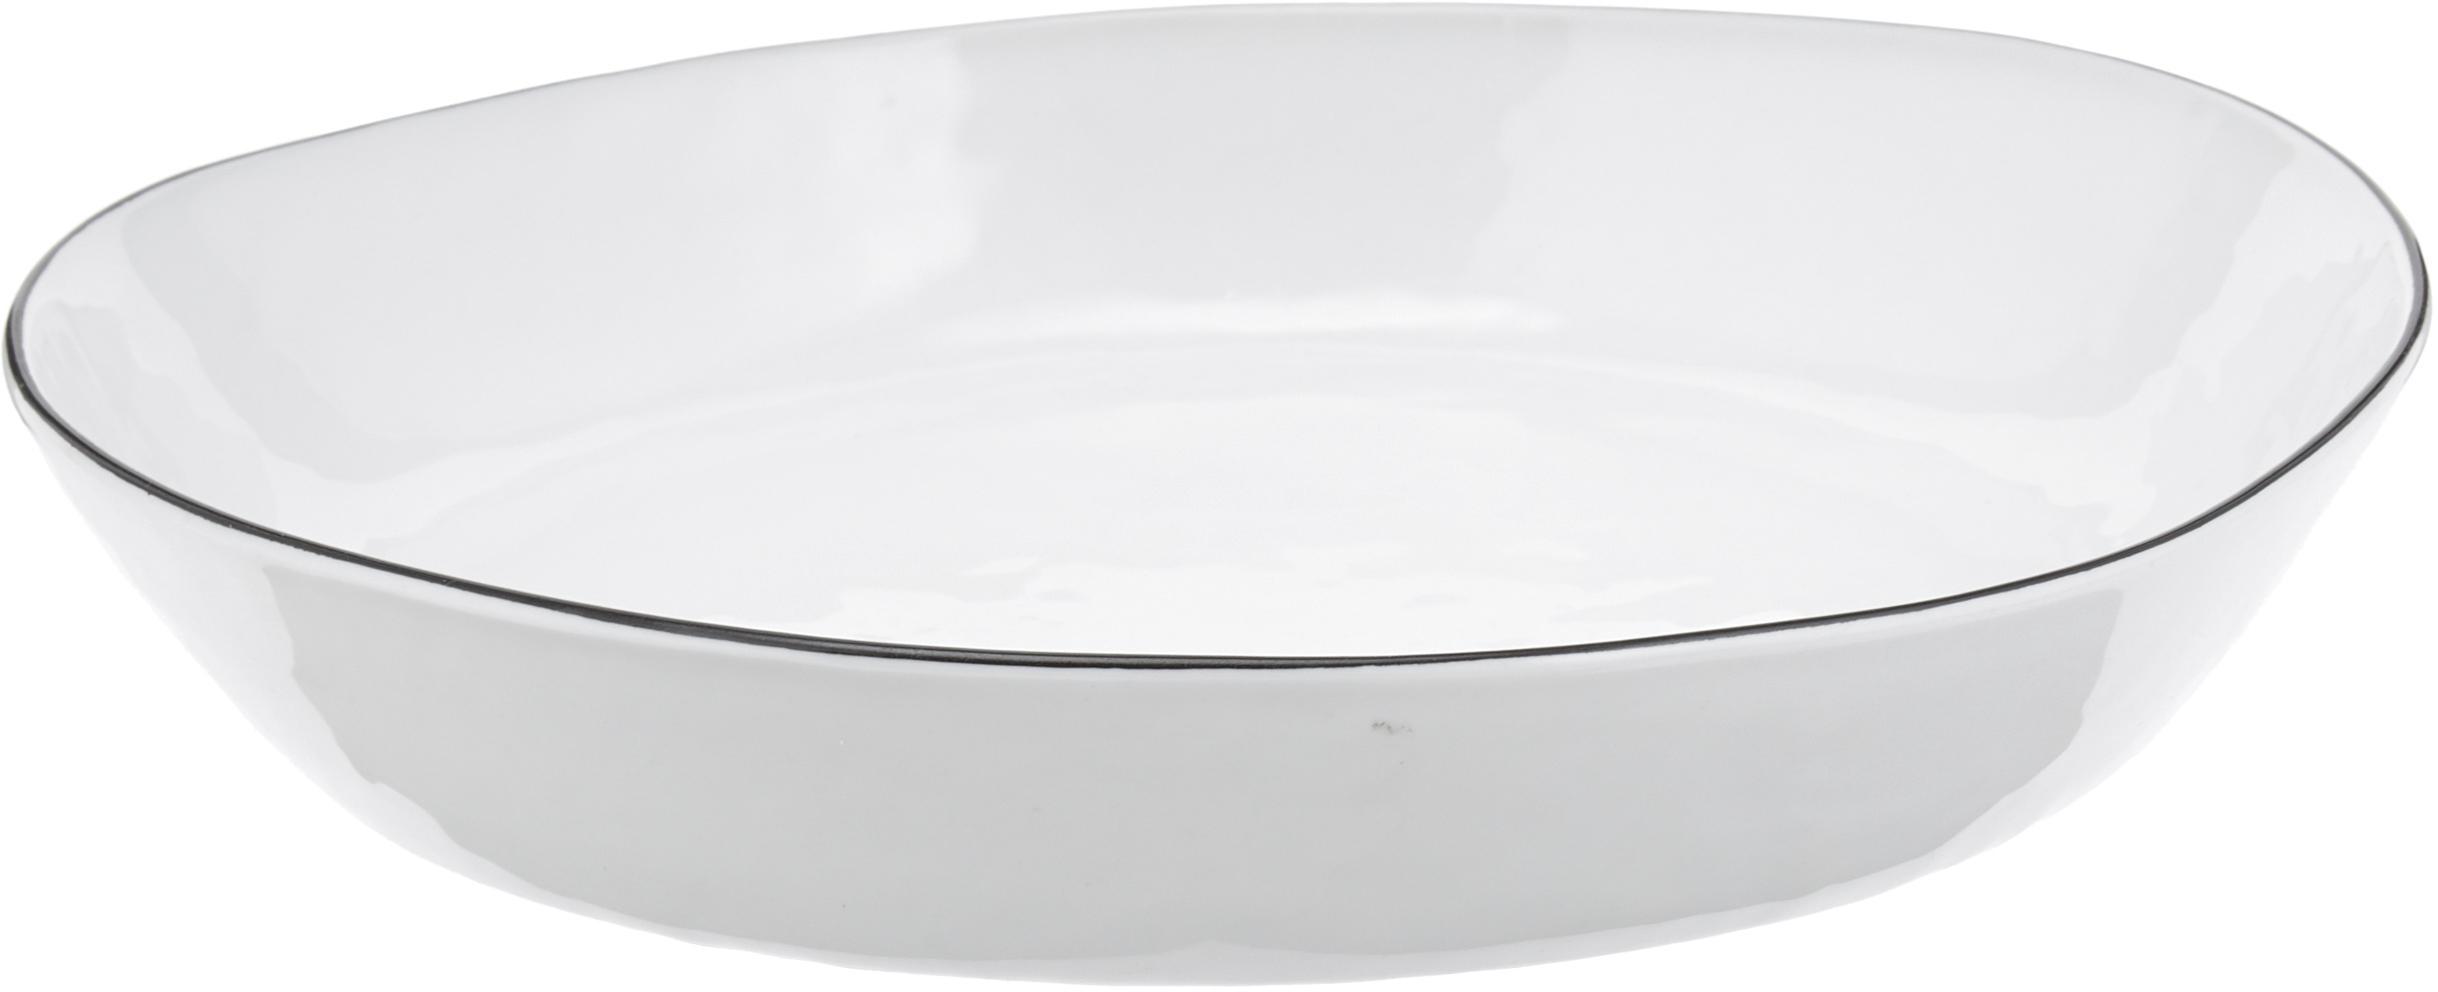 Handgemaakte schaal Salt, Porselein, Gebroken wit, zwart, 24 x 4 cm